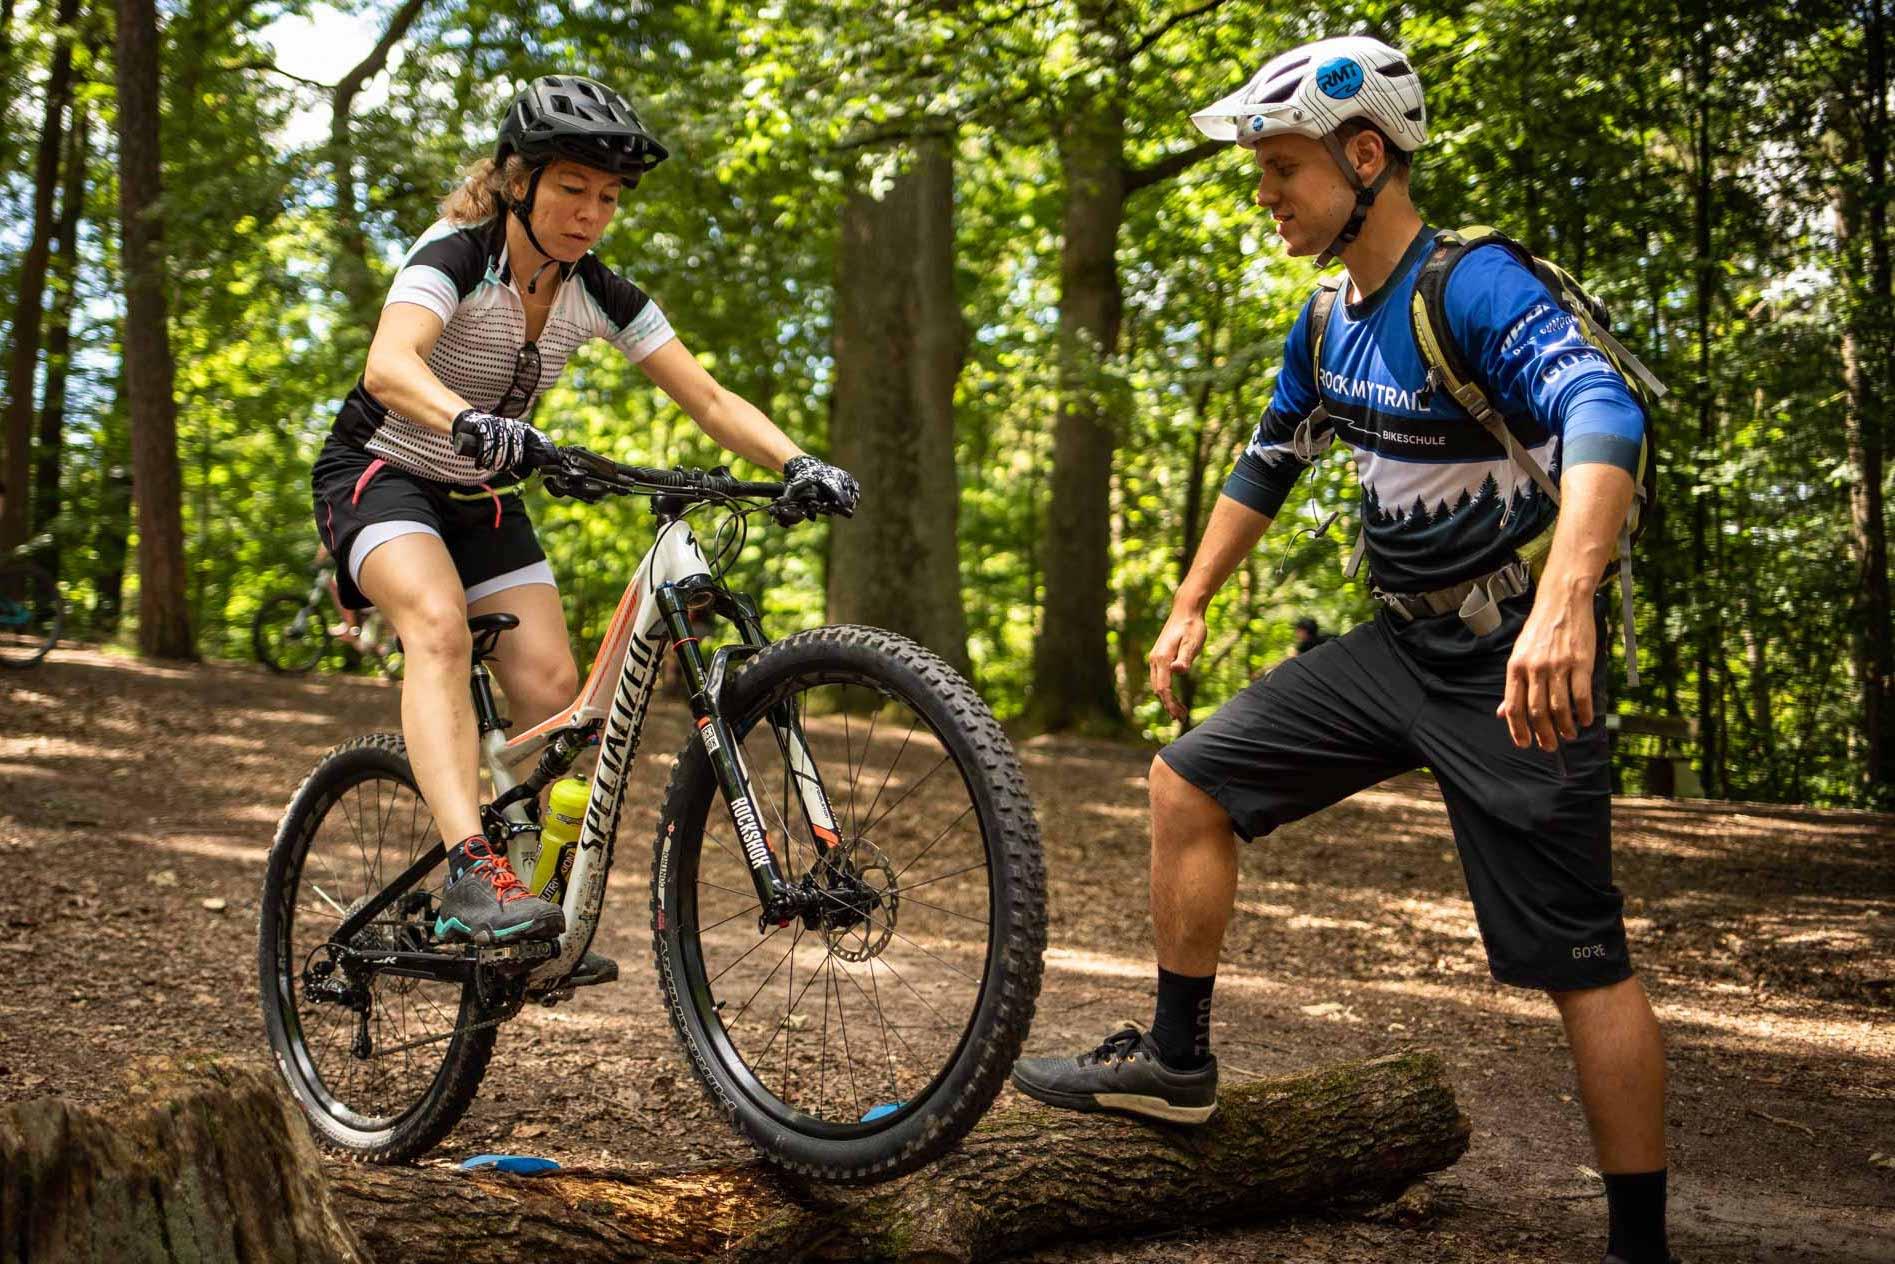 MTB Fahrtechnik Kurs für Einsteiger in Saarbrücken - Mountainbike Basic - Rock my Trail Bikeschule - 28